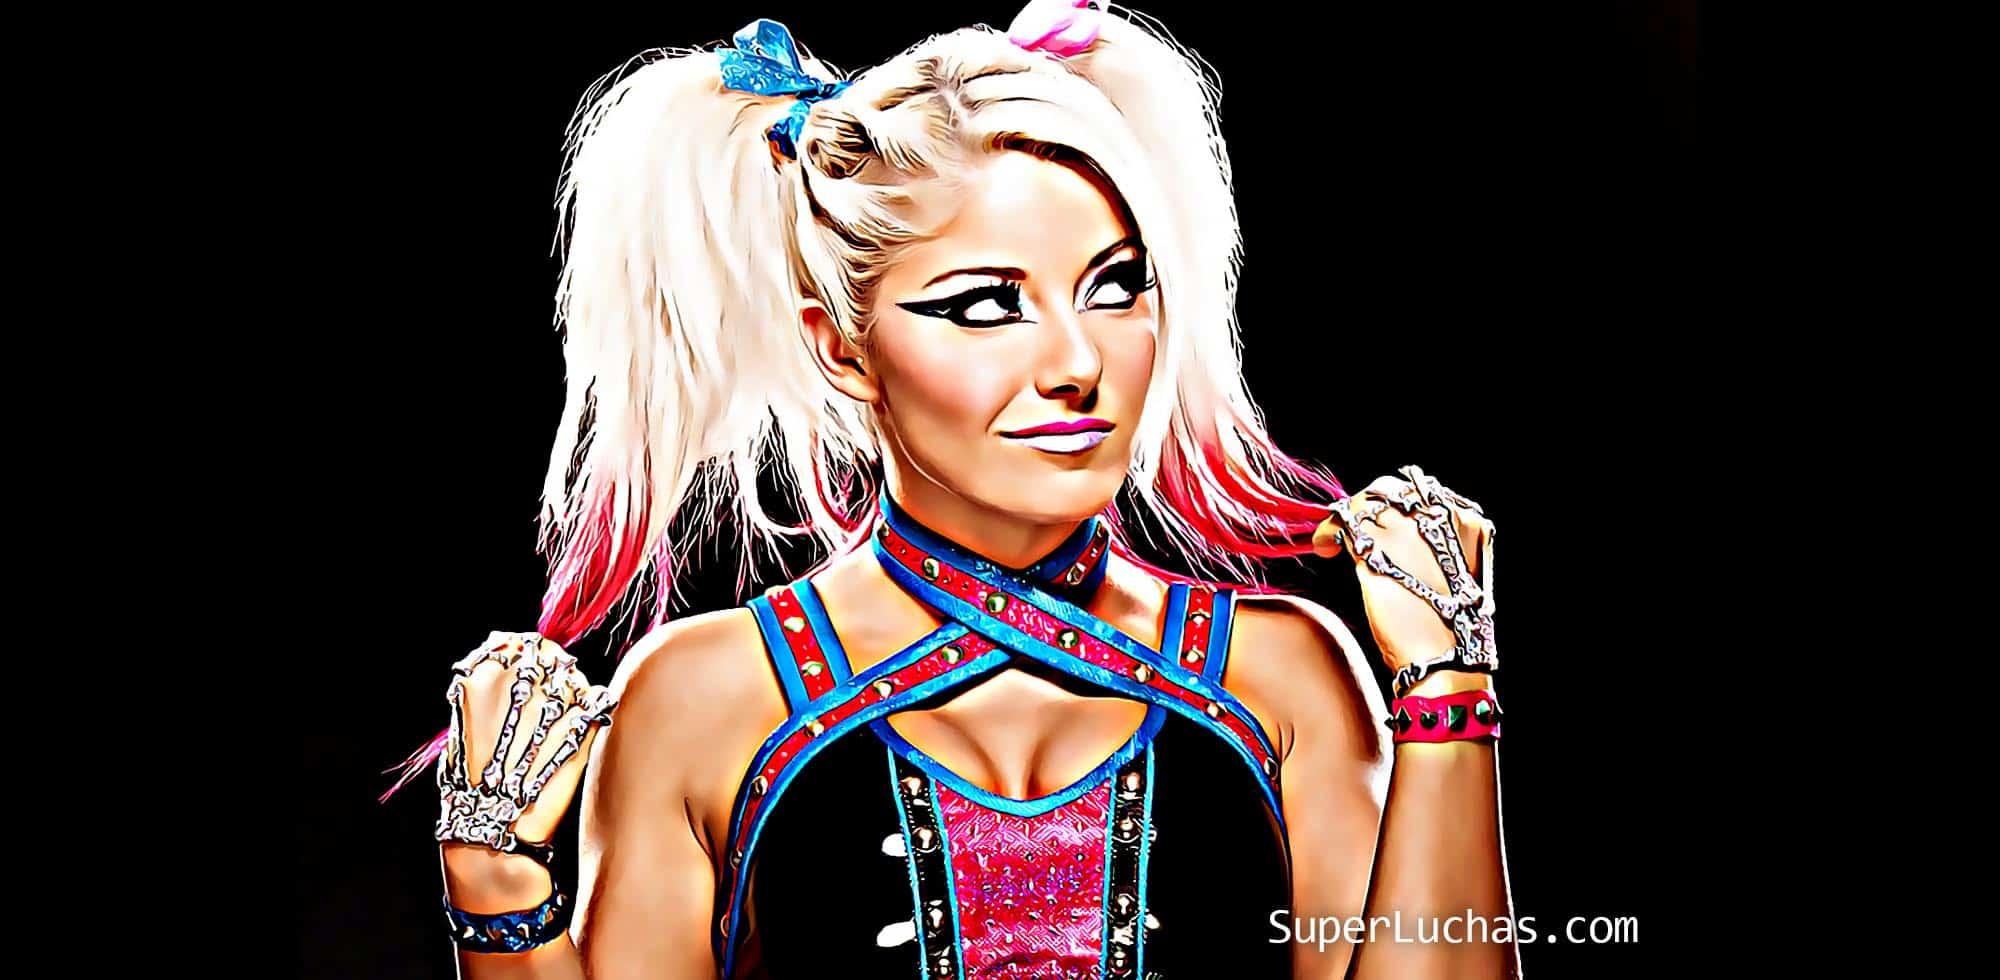 El consejo que le dio Vince McMahon a Alexa Bliss 2